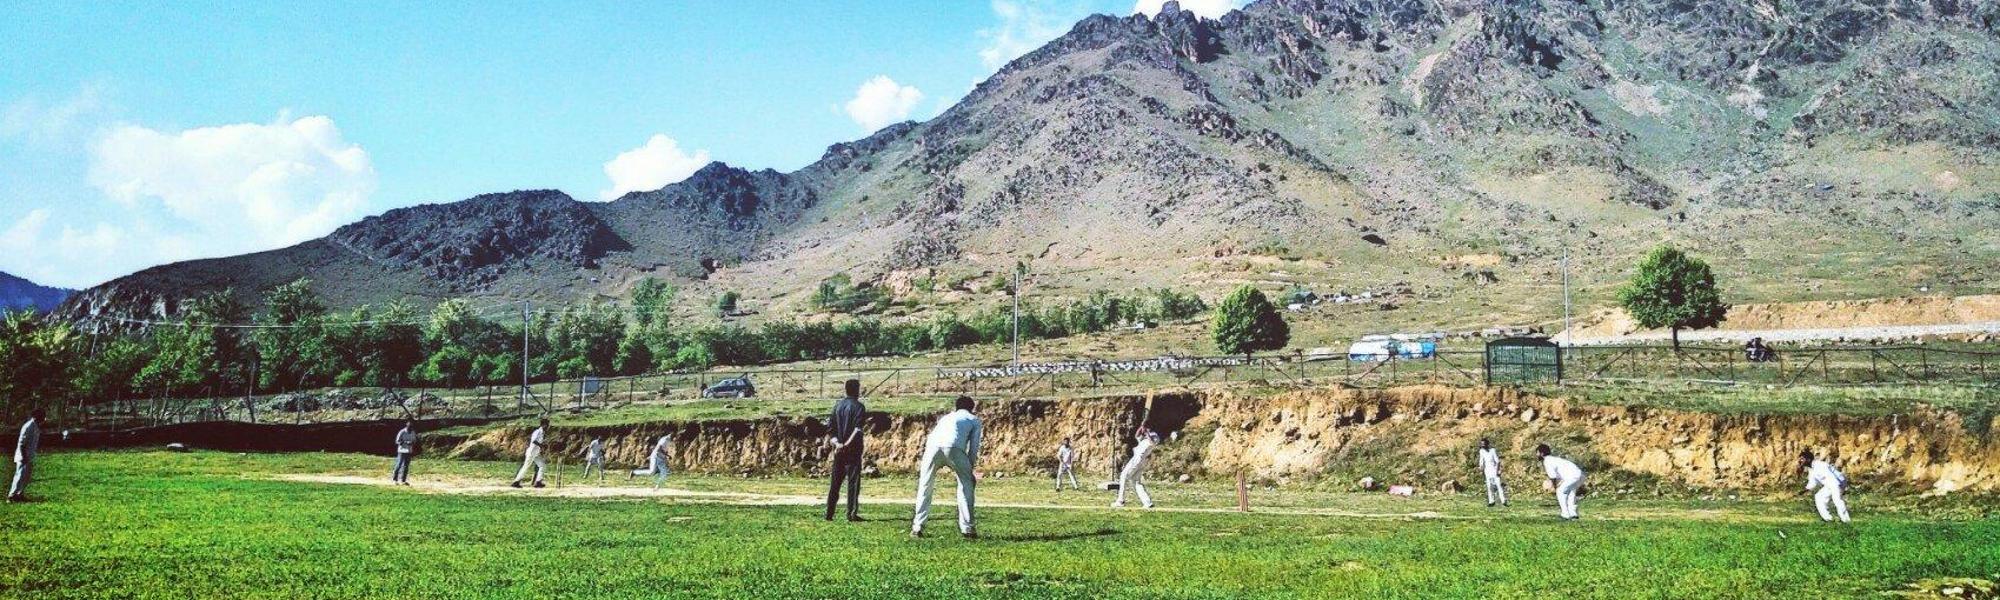 ICC FOTW - Kashmir